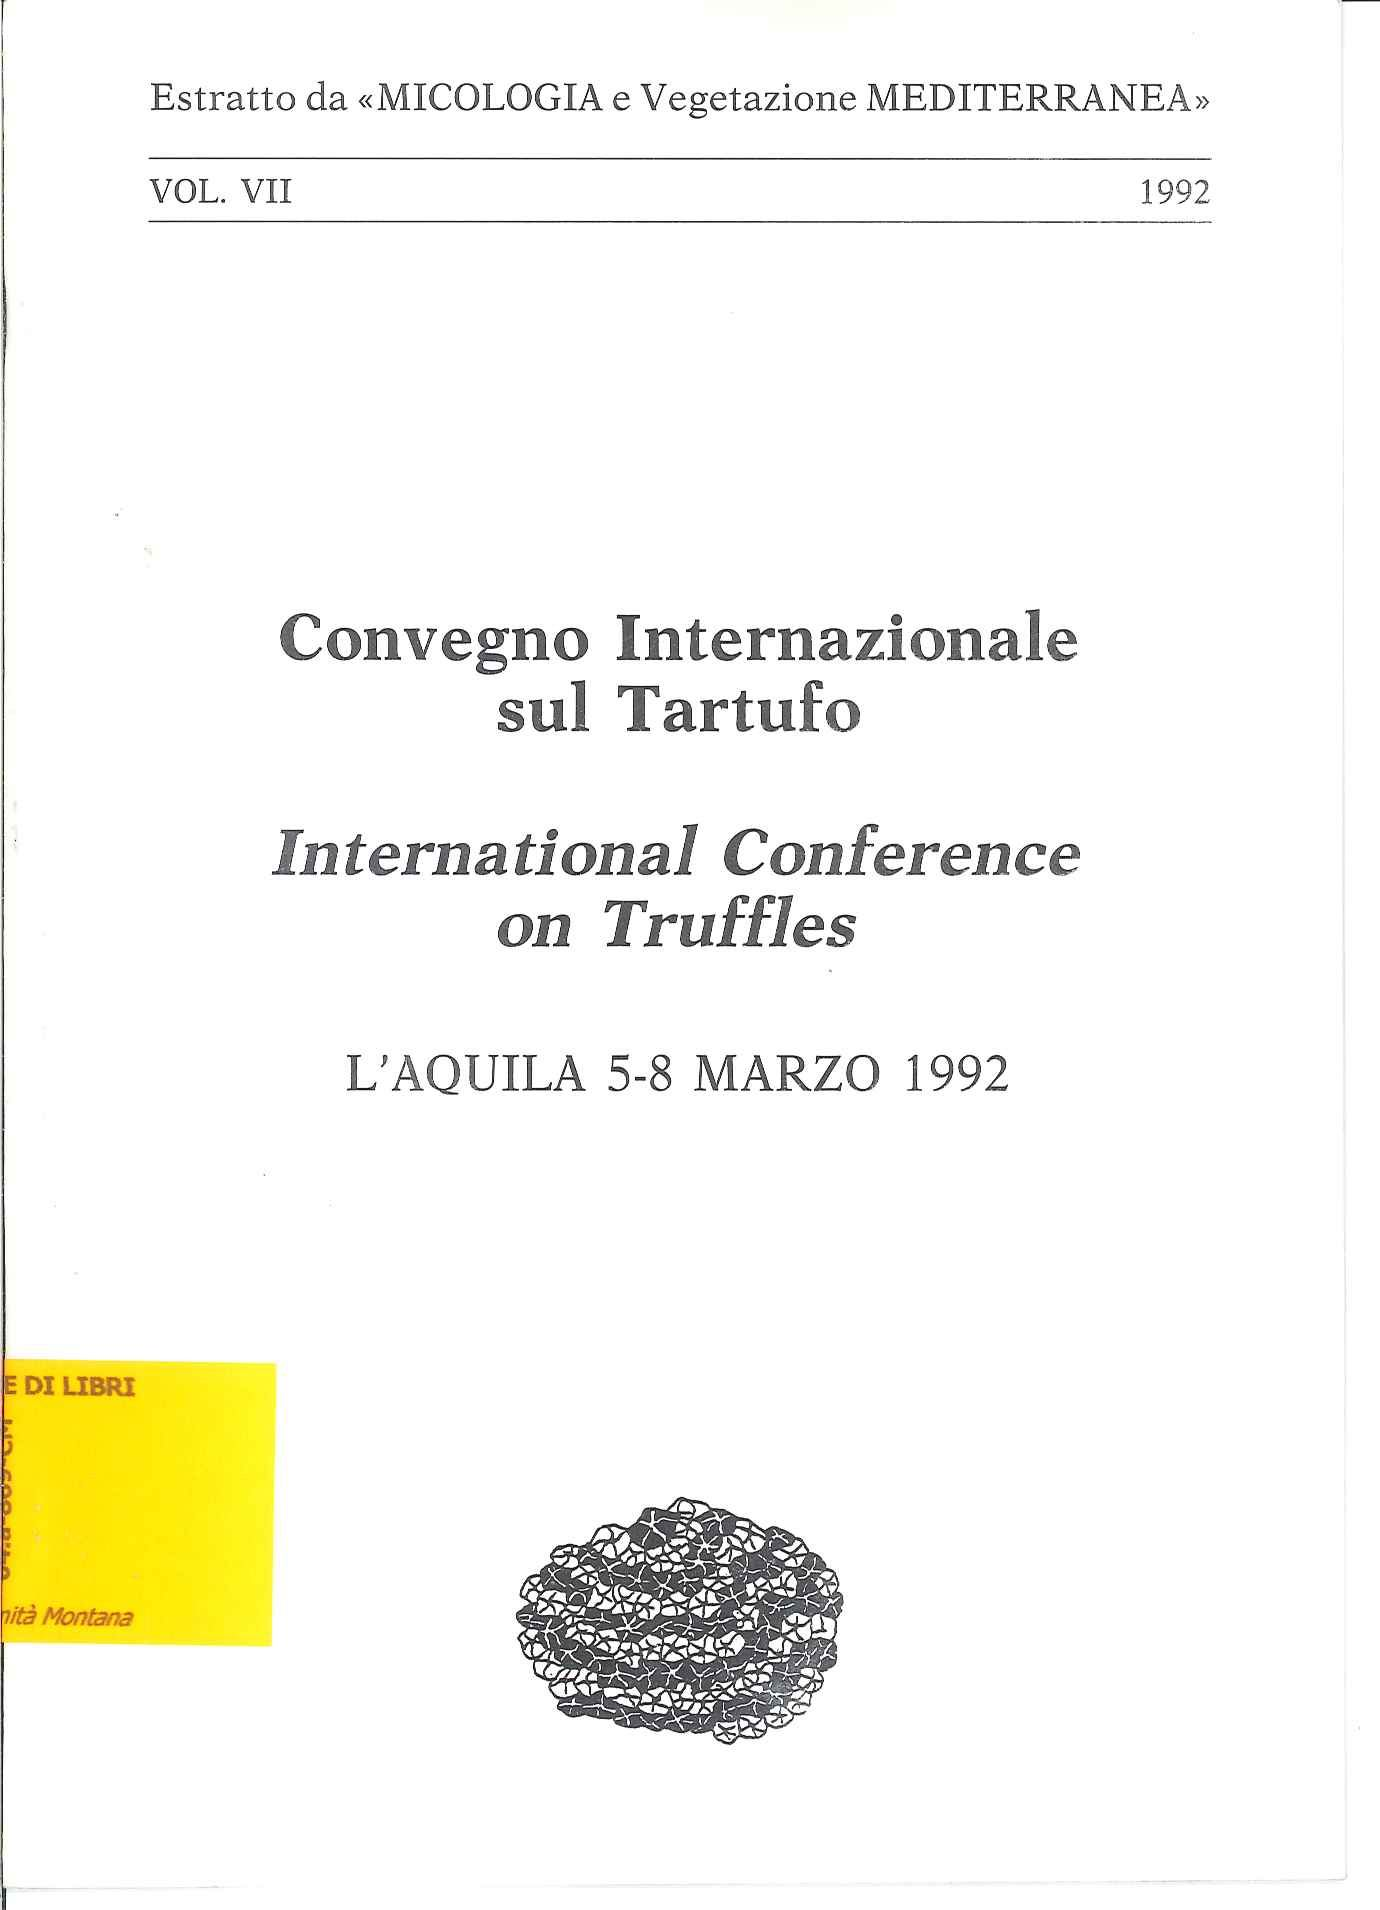 Atti del convegno internazionale sul tartufo, L'Aquila 5-8 marzo 1992